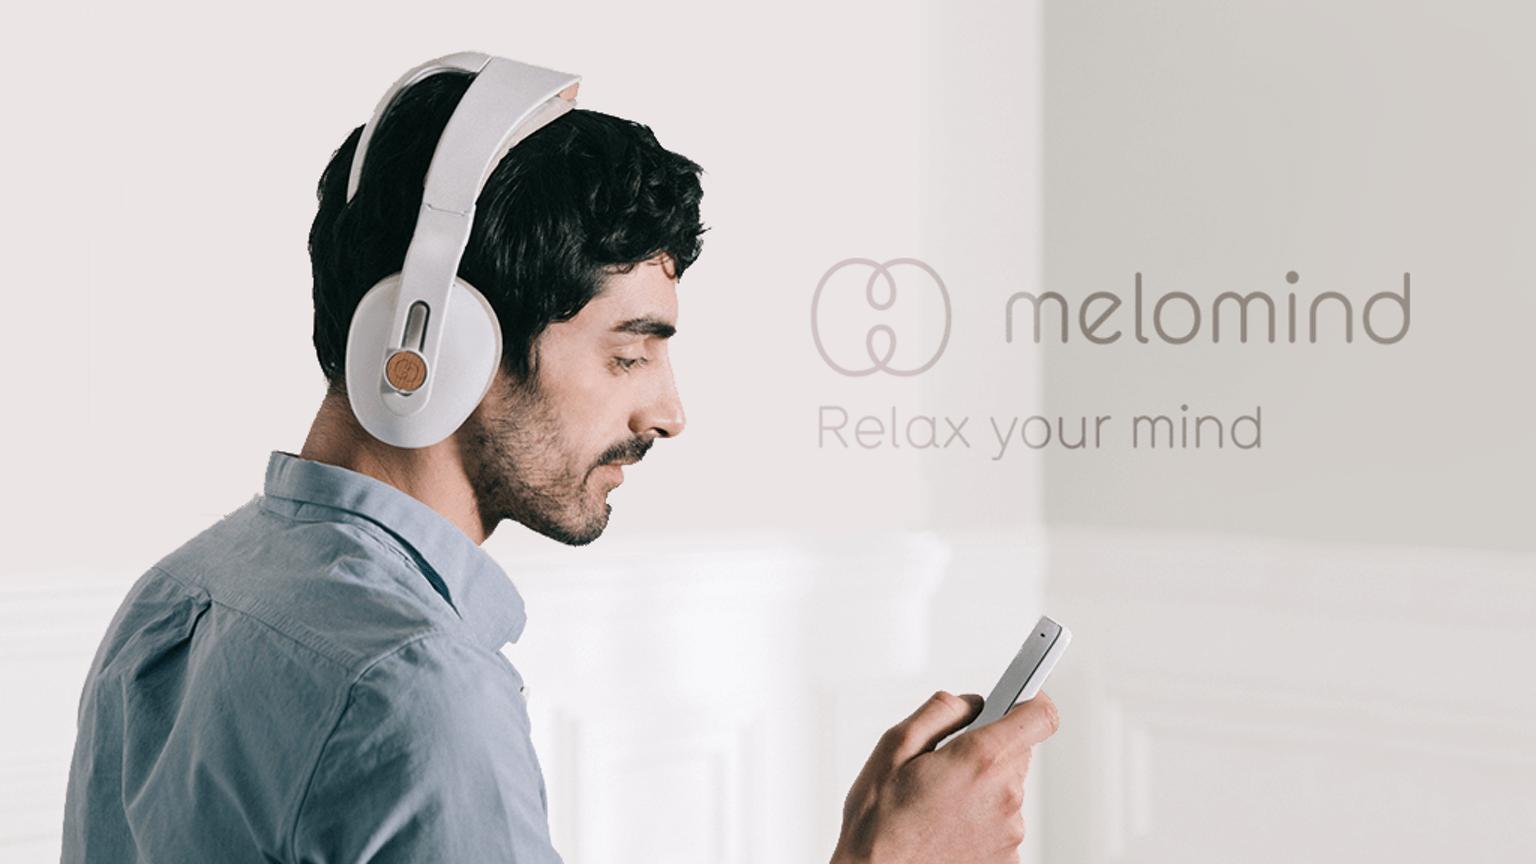 melomind, anti-stress, se relaxer, se détendre, tech, casque, connecté, résolutions, start-up, entrepreneuriat